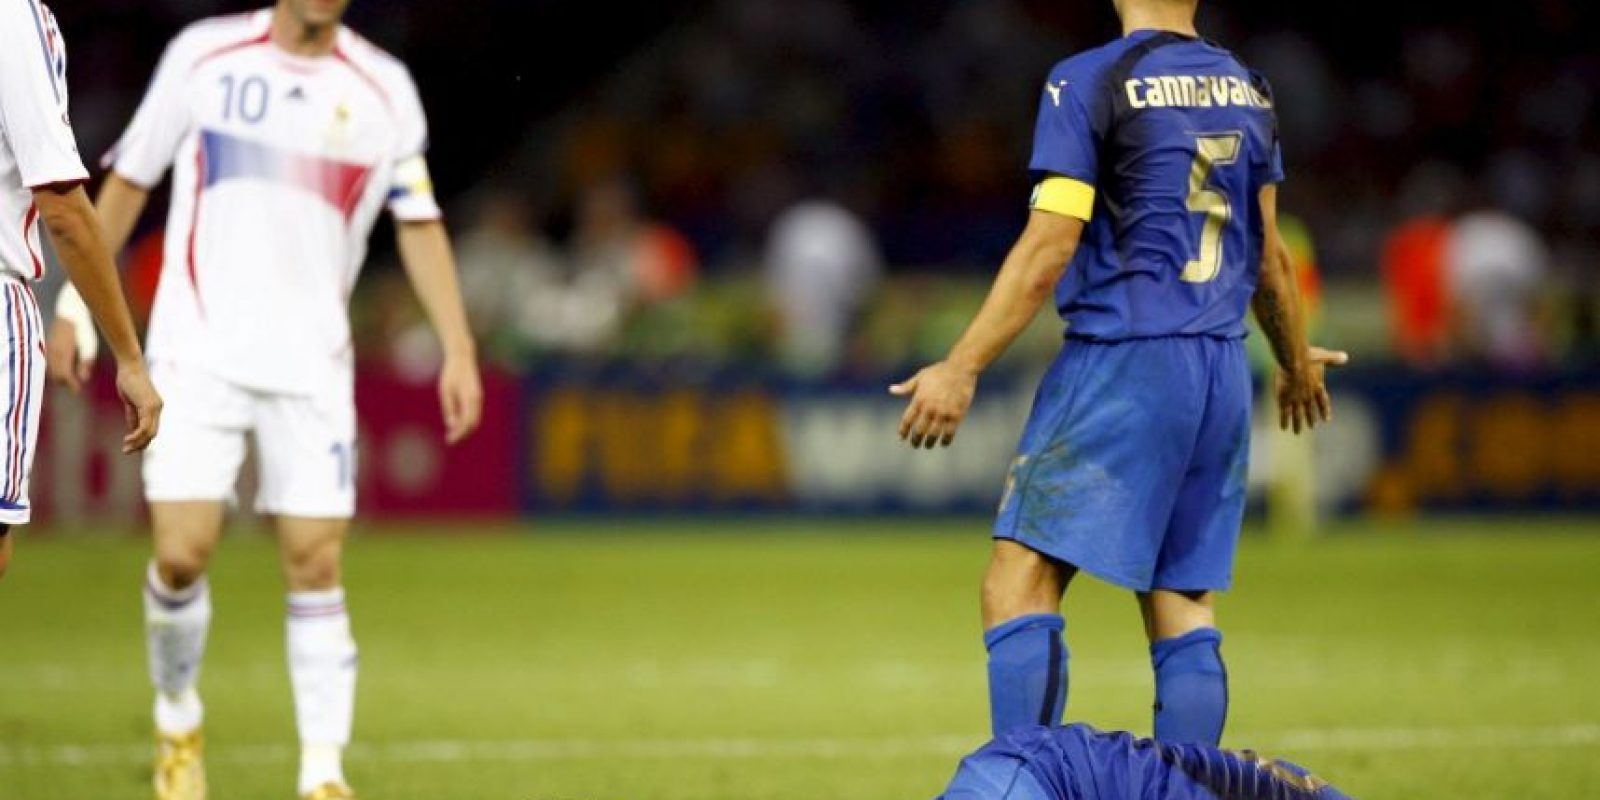 """Tras el polémico cabezazo de """"Zizou"""" a Marco Materazzi en la final de Alemania 2006, la FIFA le dio tres partidos de suspensión al francés, los mismos que no cumplió porque se retiró del fútbol. Foto:Getty Images"""